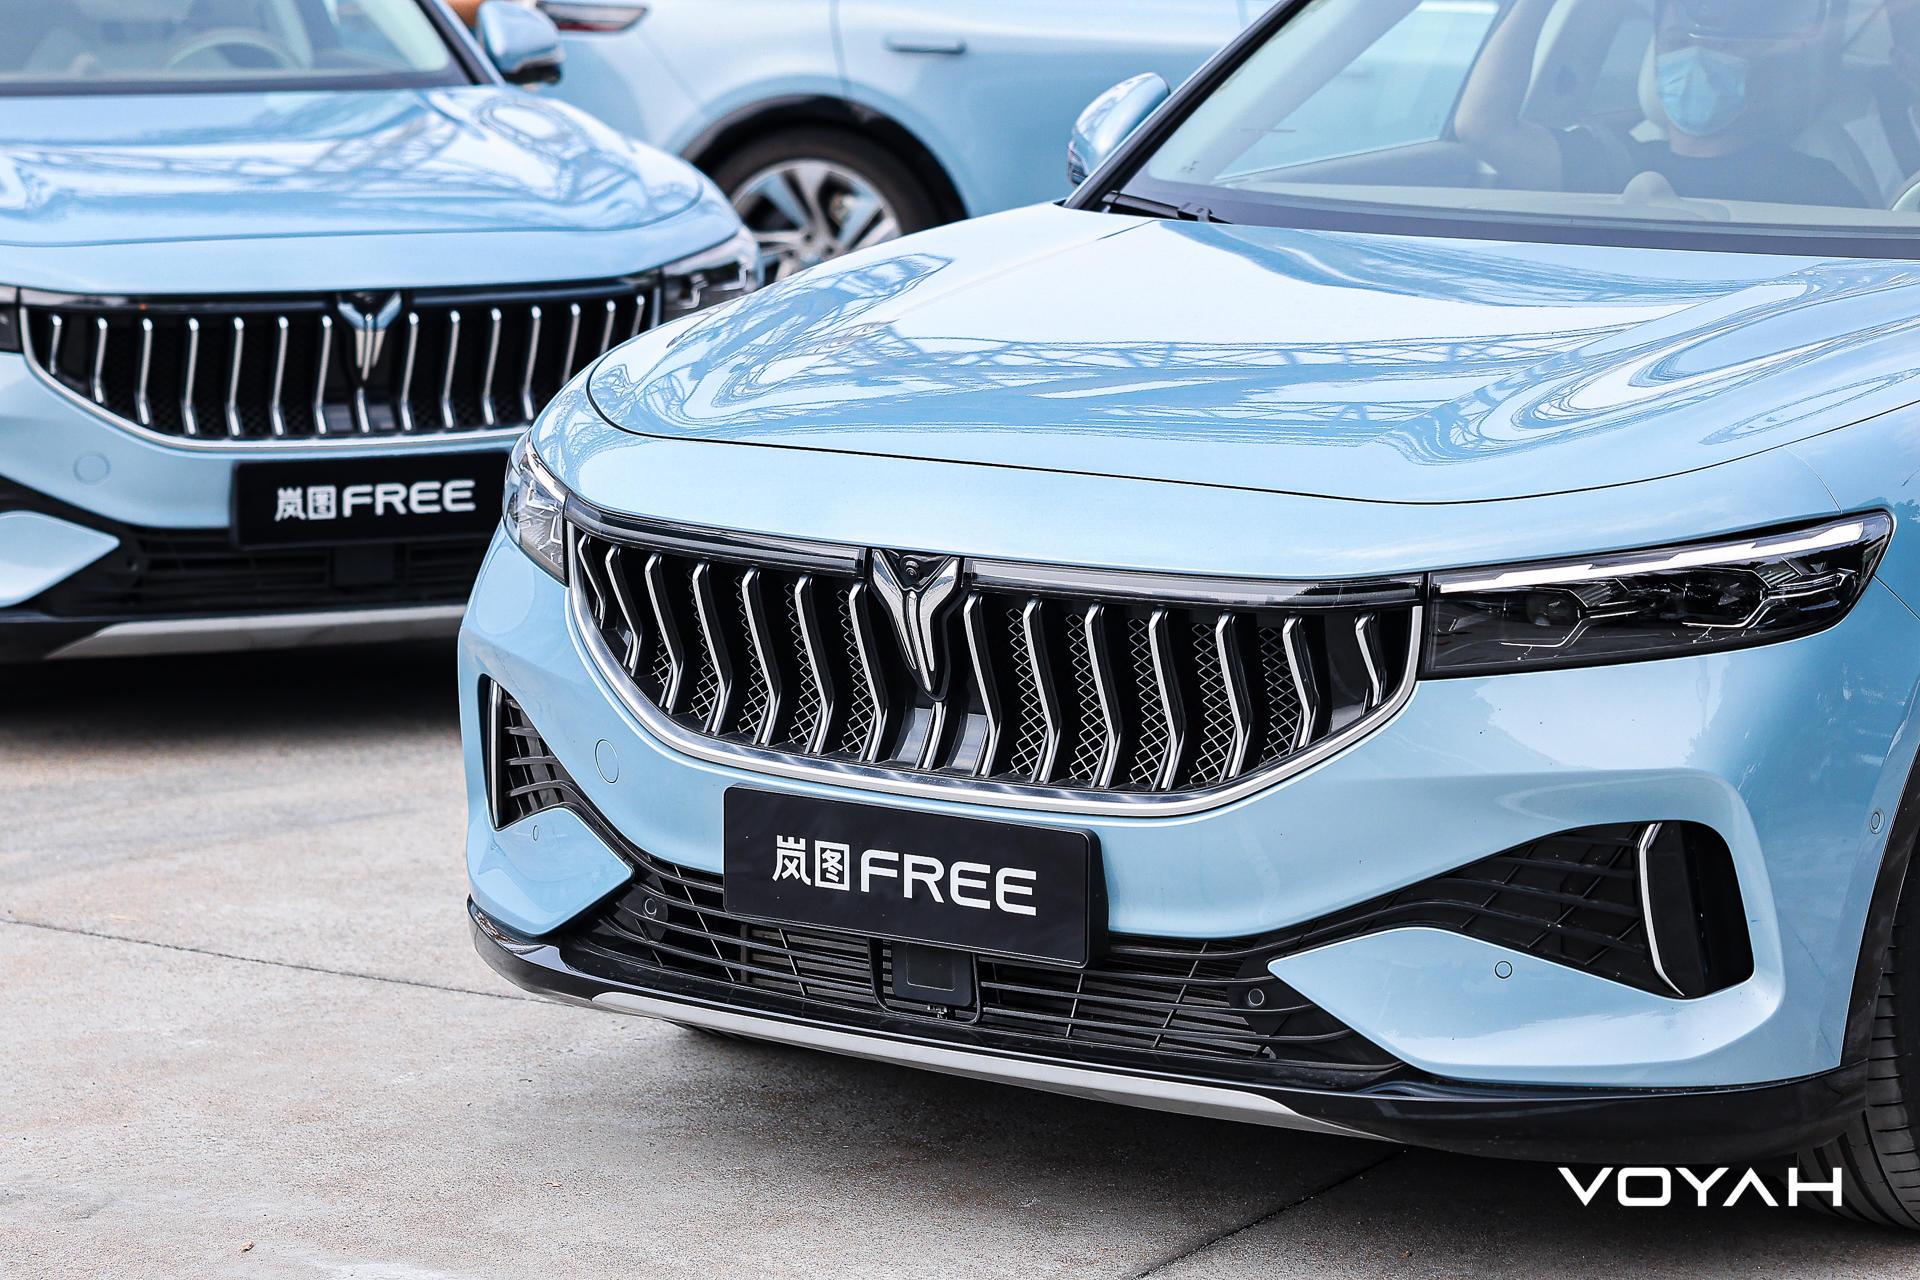 嵐圖FREE |高能賽道挑戰營,體驗30萬級性能SUV!